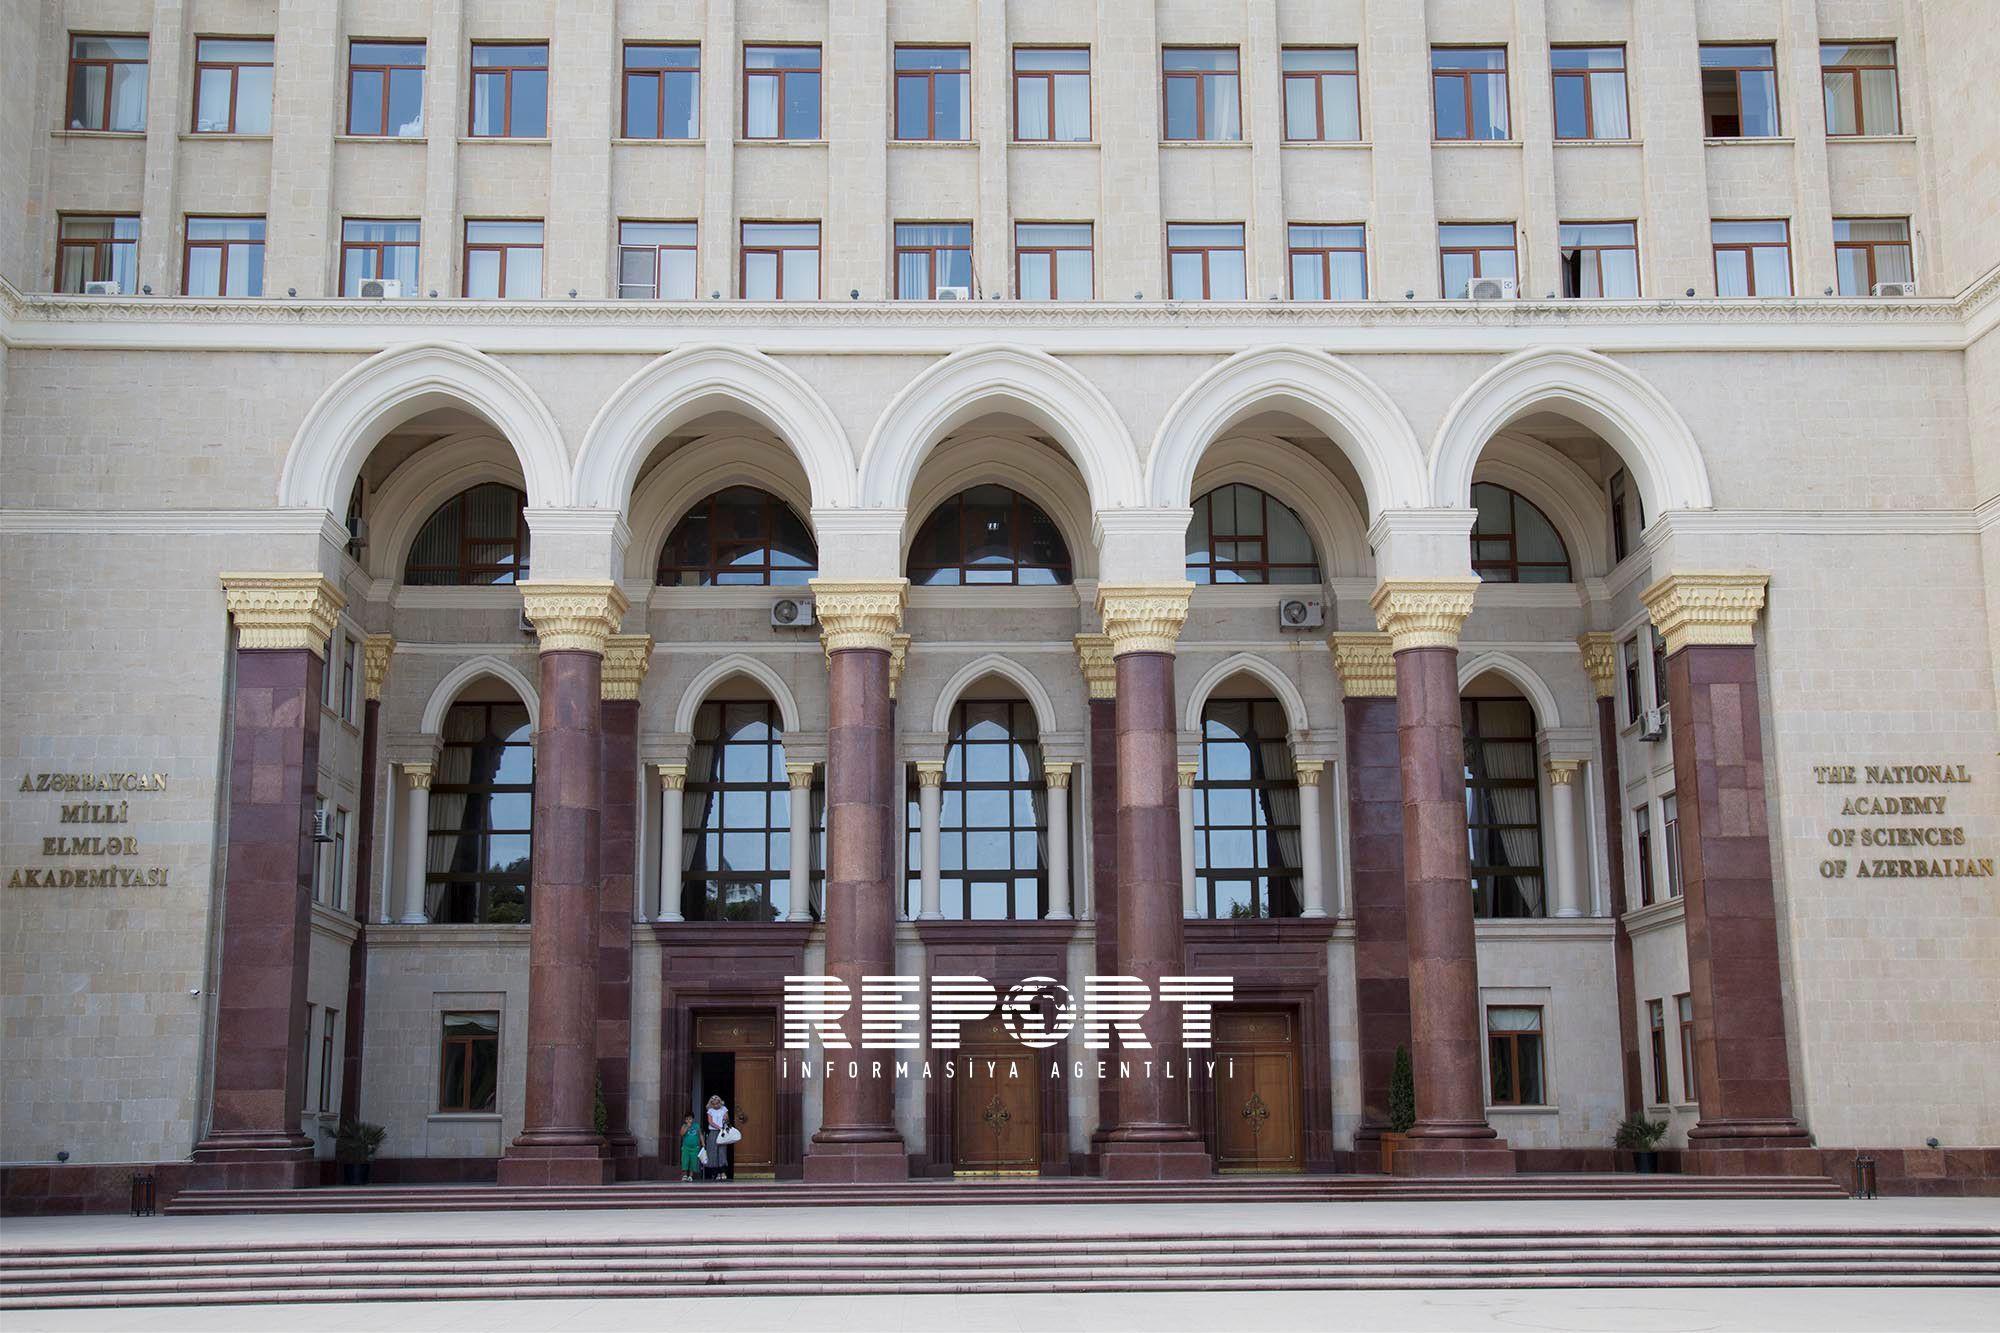 AMEA-da Azərbaycan dili qrafikasının transliterasiyası problemləri araşdırılır